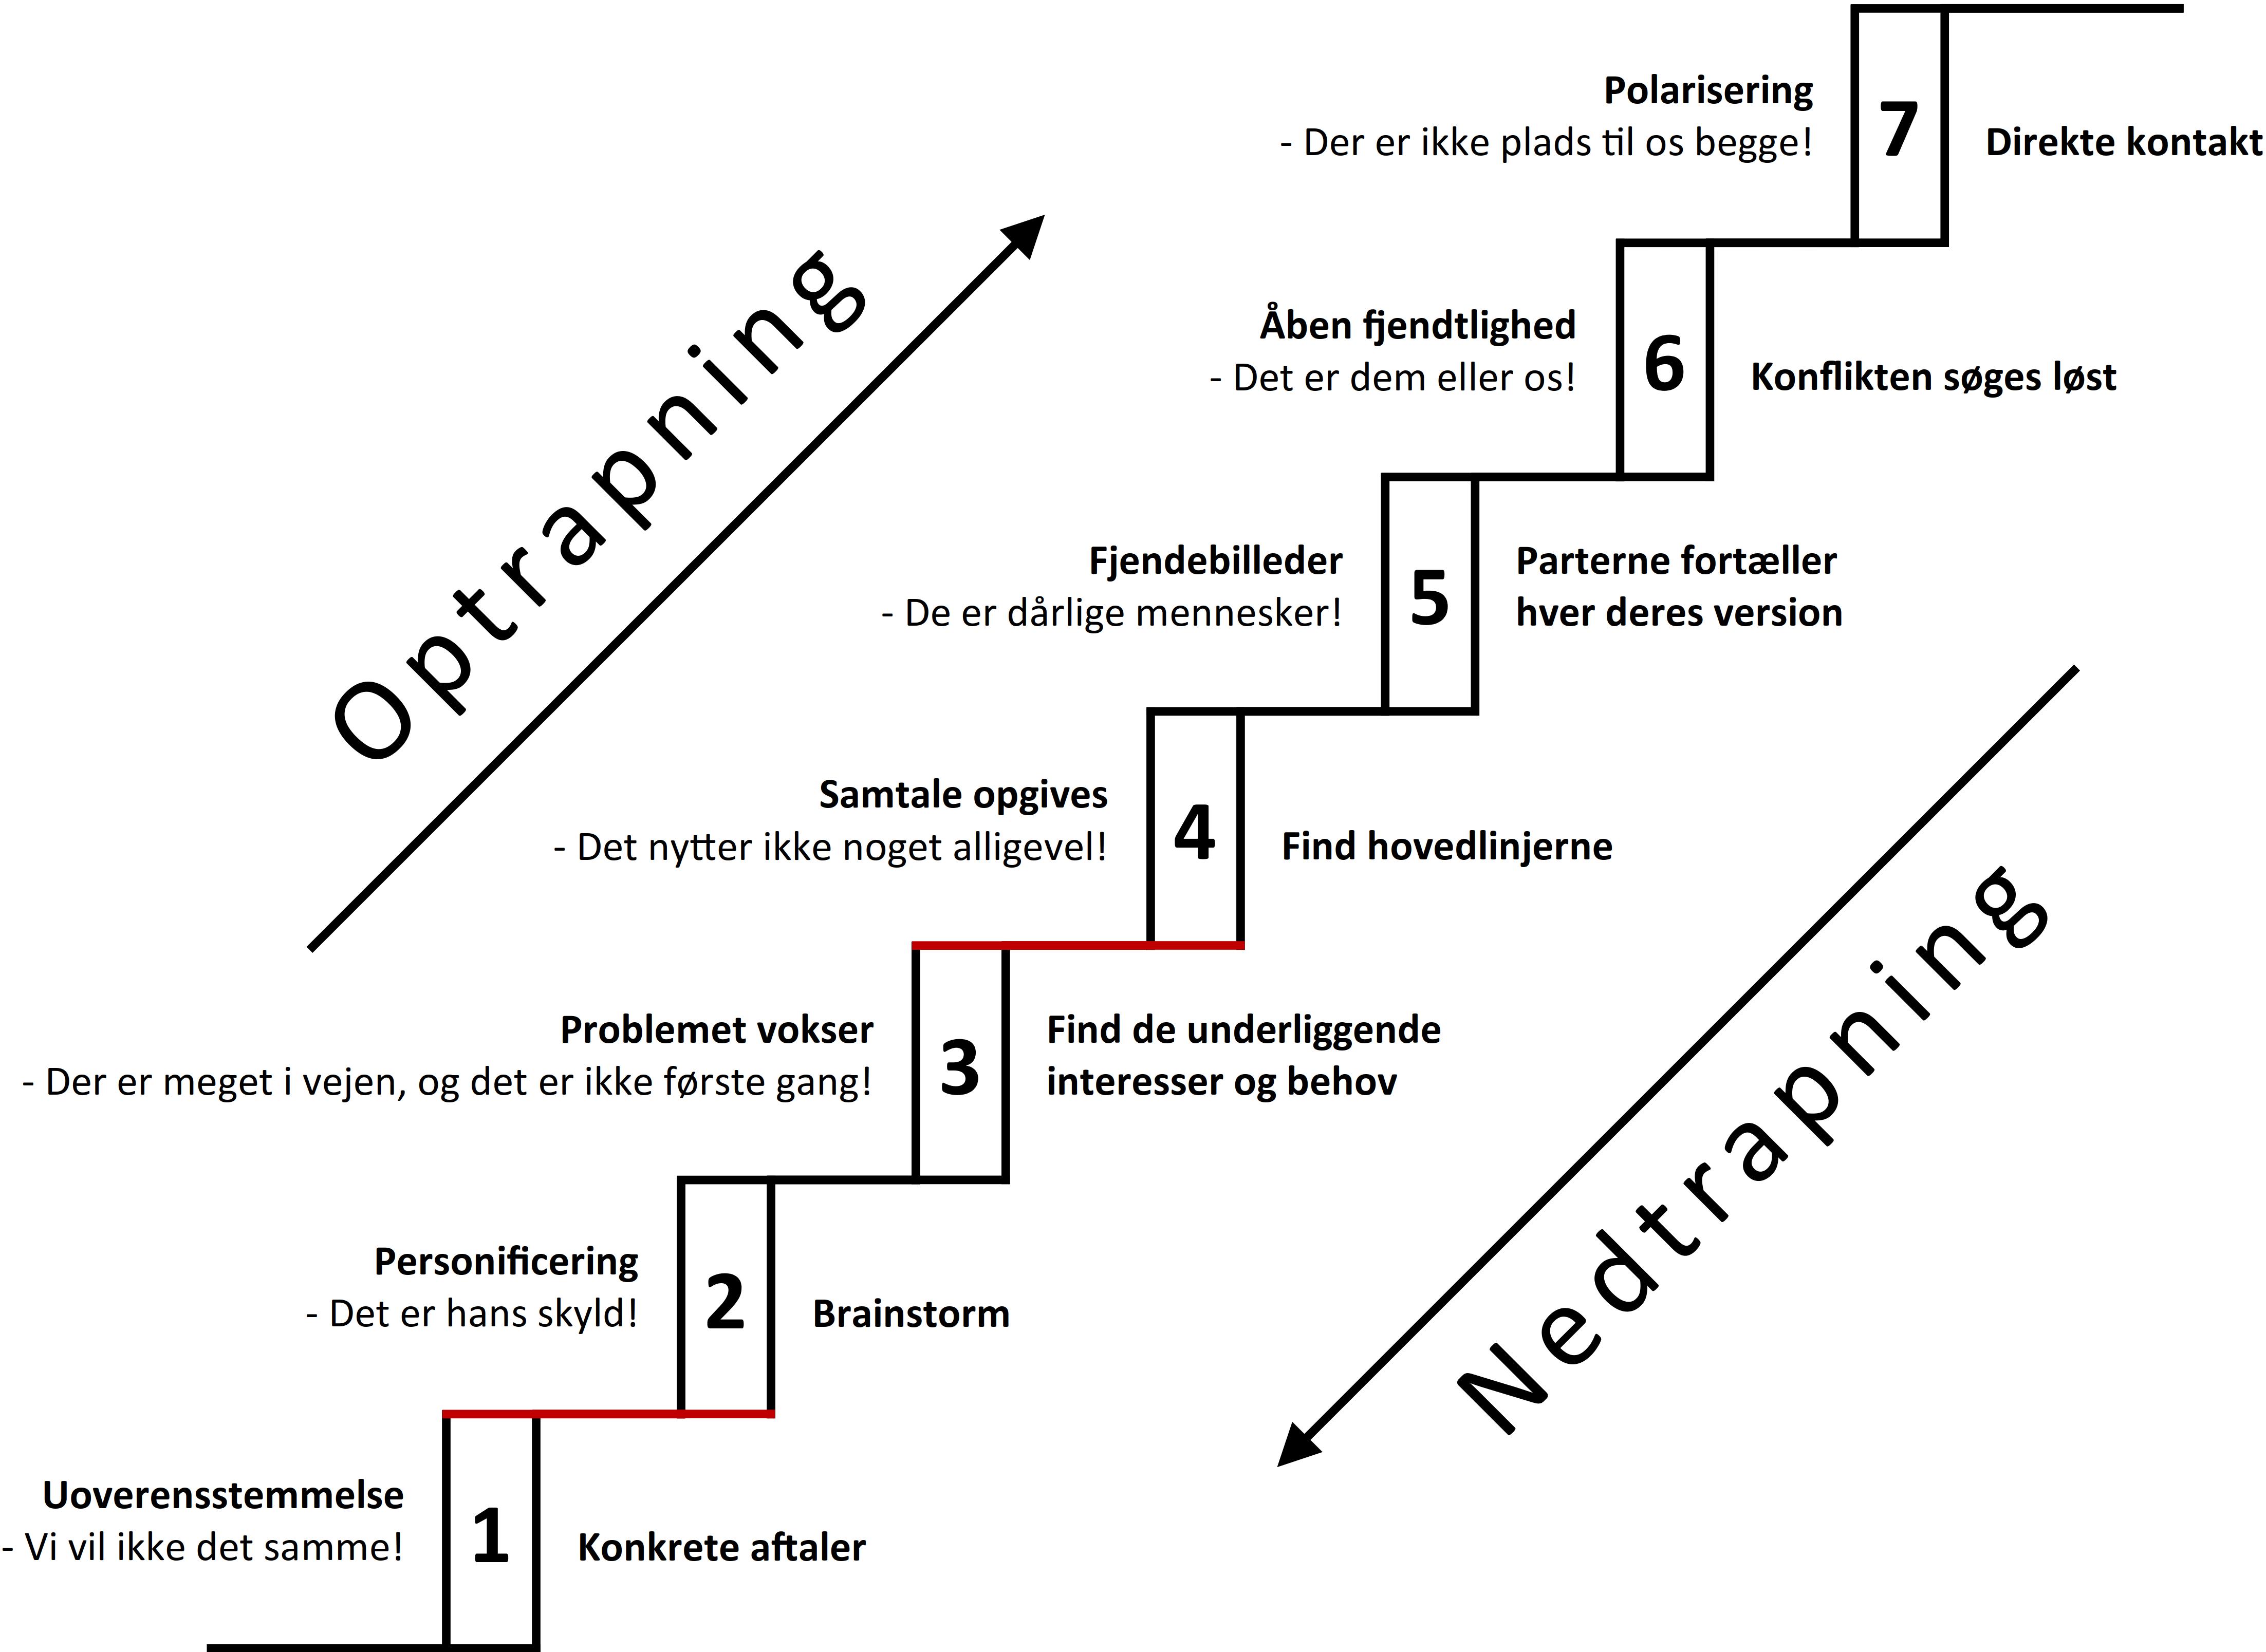 Opptrapping eller nedtrapping av konflikt